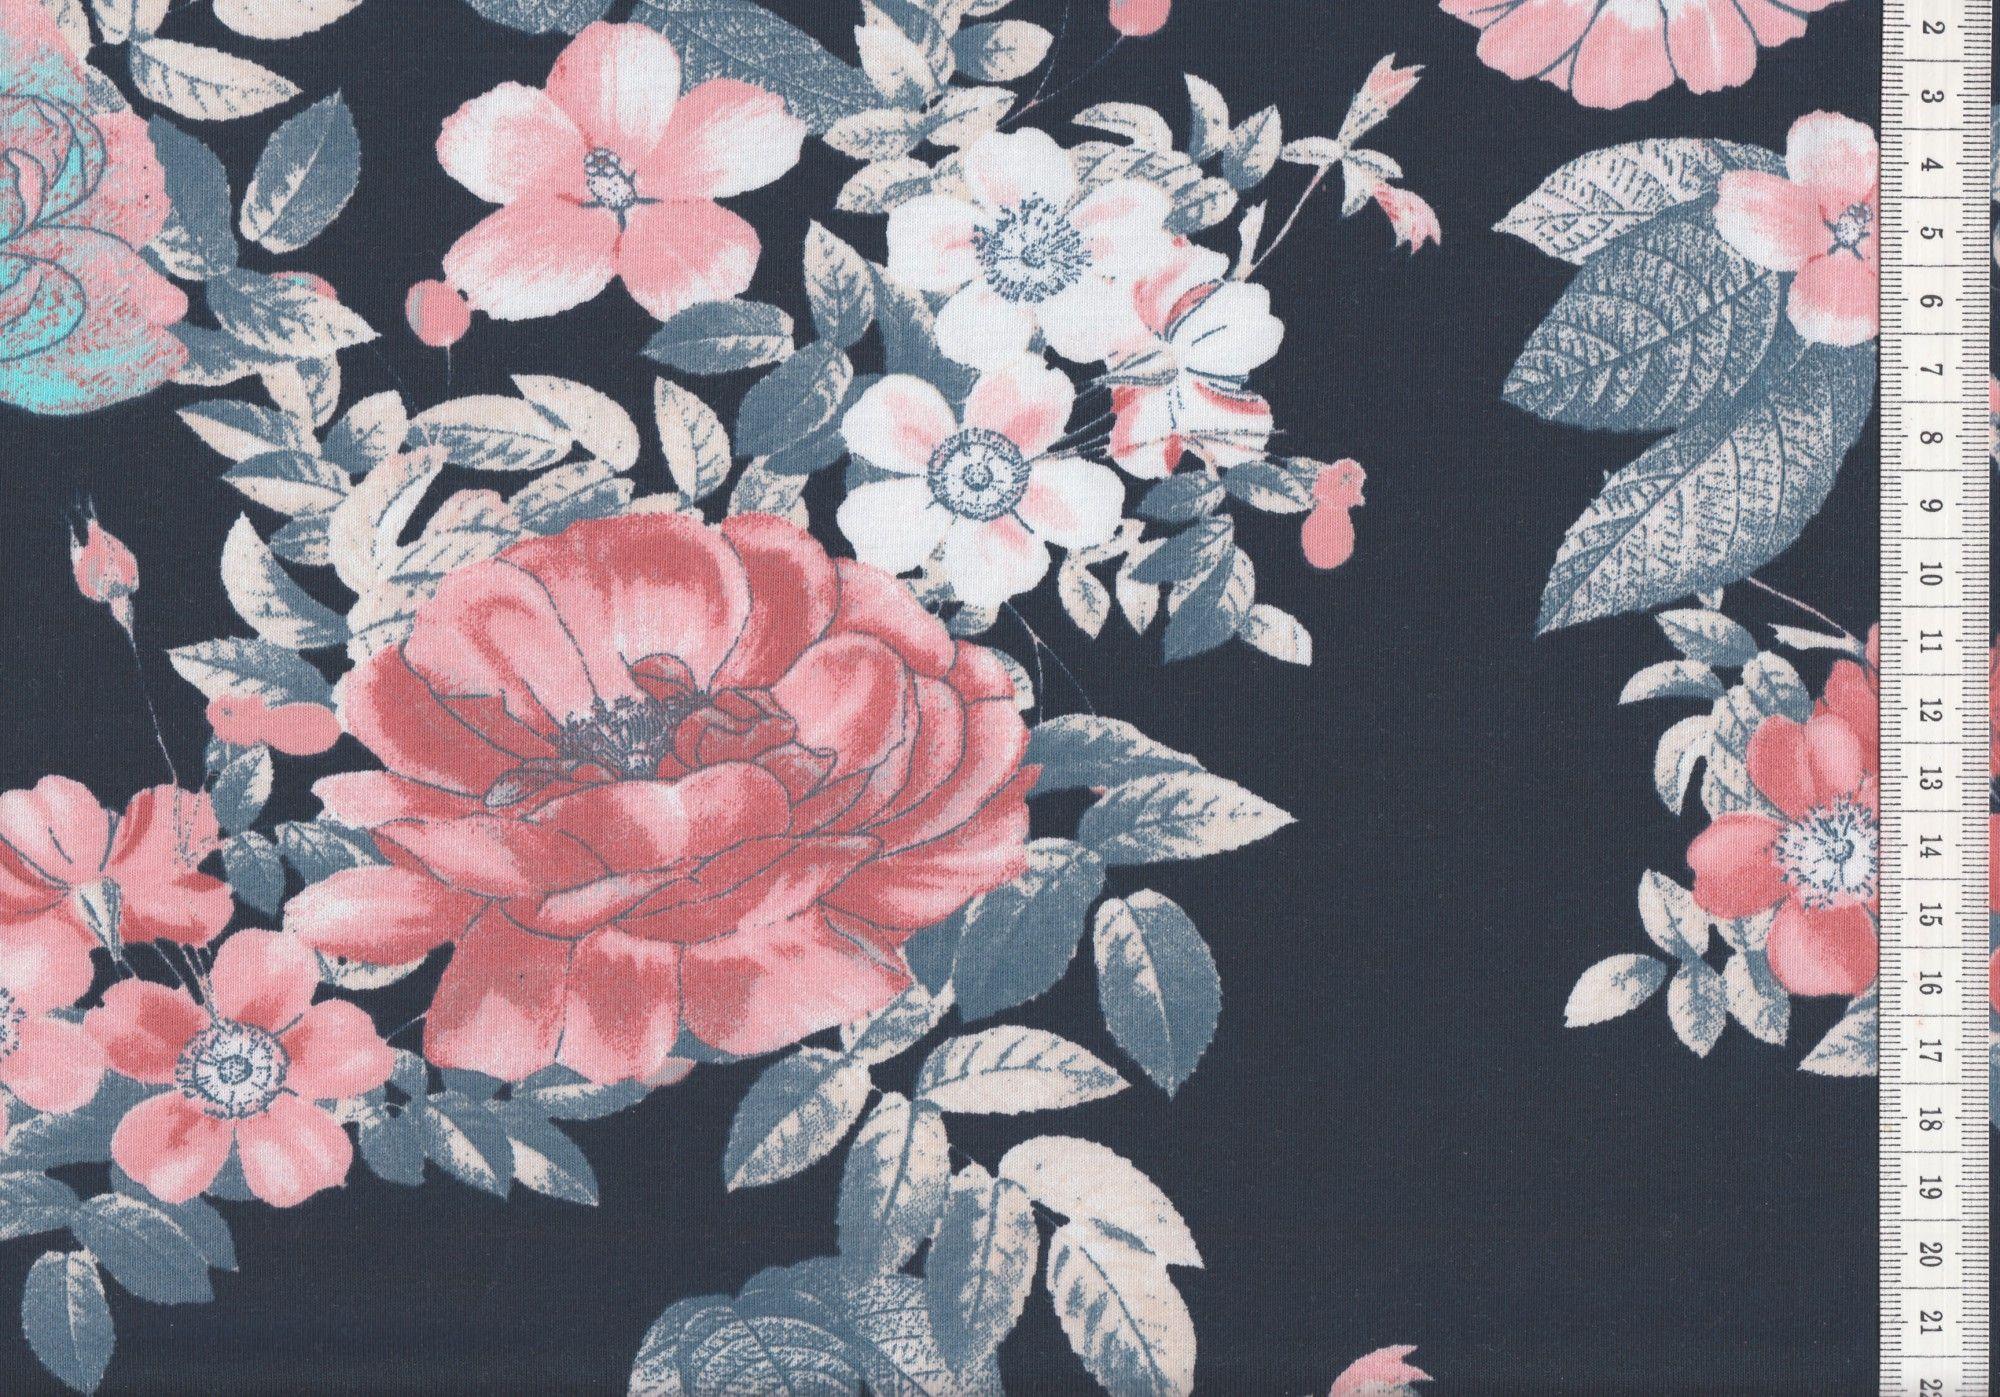 Jersey Blumen Rosen Dunkelblau Grosses Muster Oko Tex 100 Stoffe Jersey Muster Blumen Rosen Muster Stoff Stoff